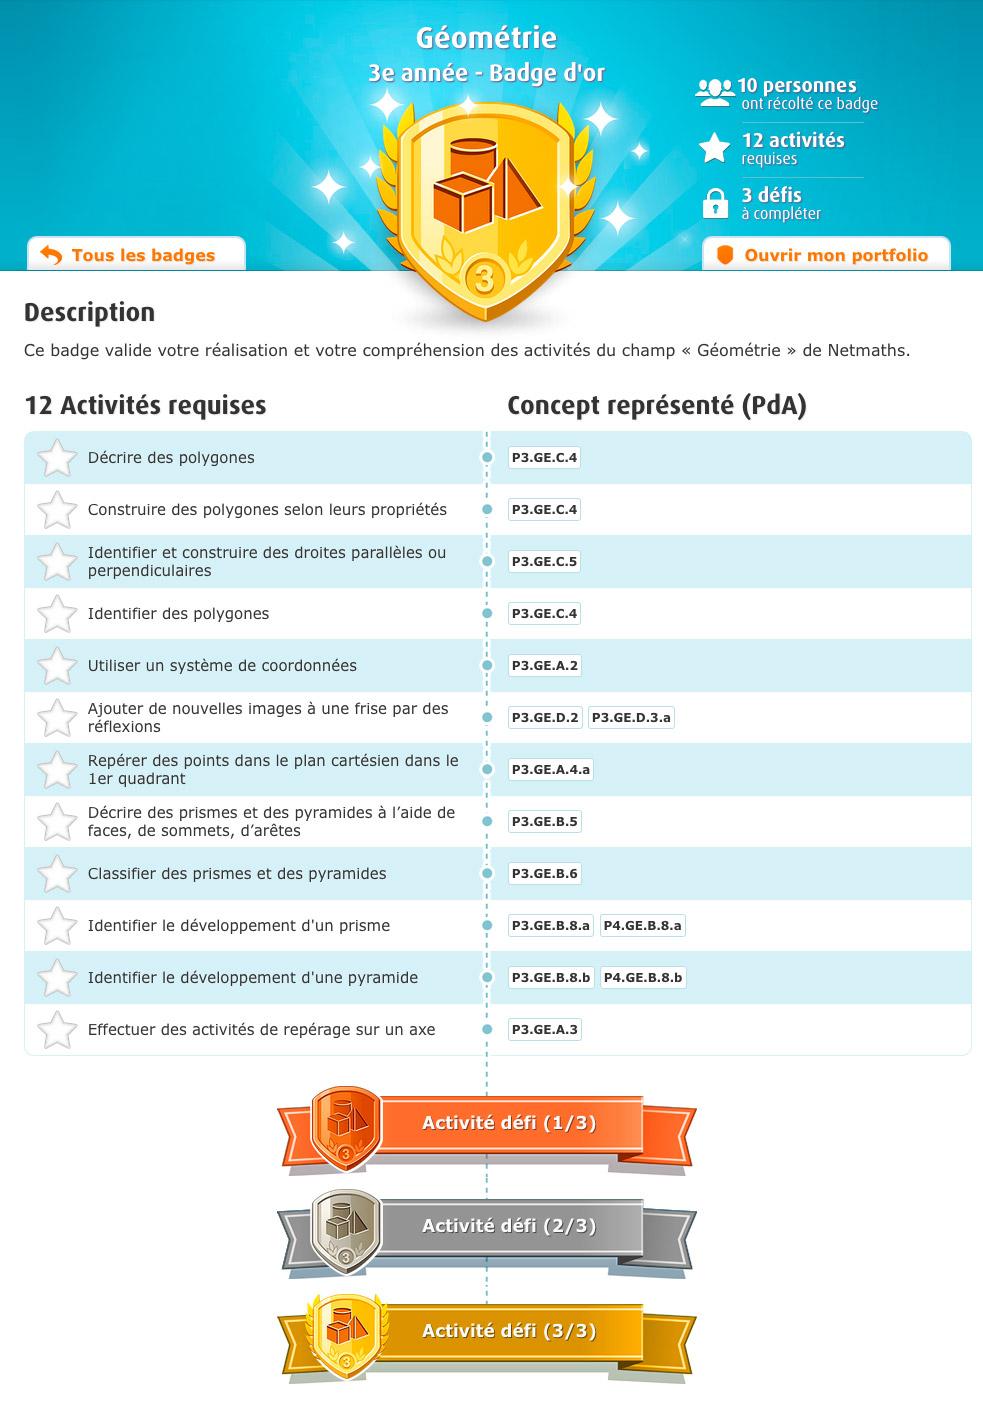 image Badges_CK_criterias